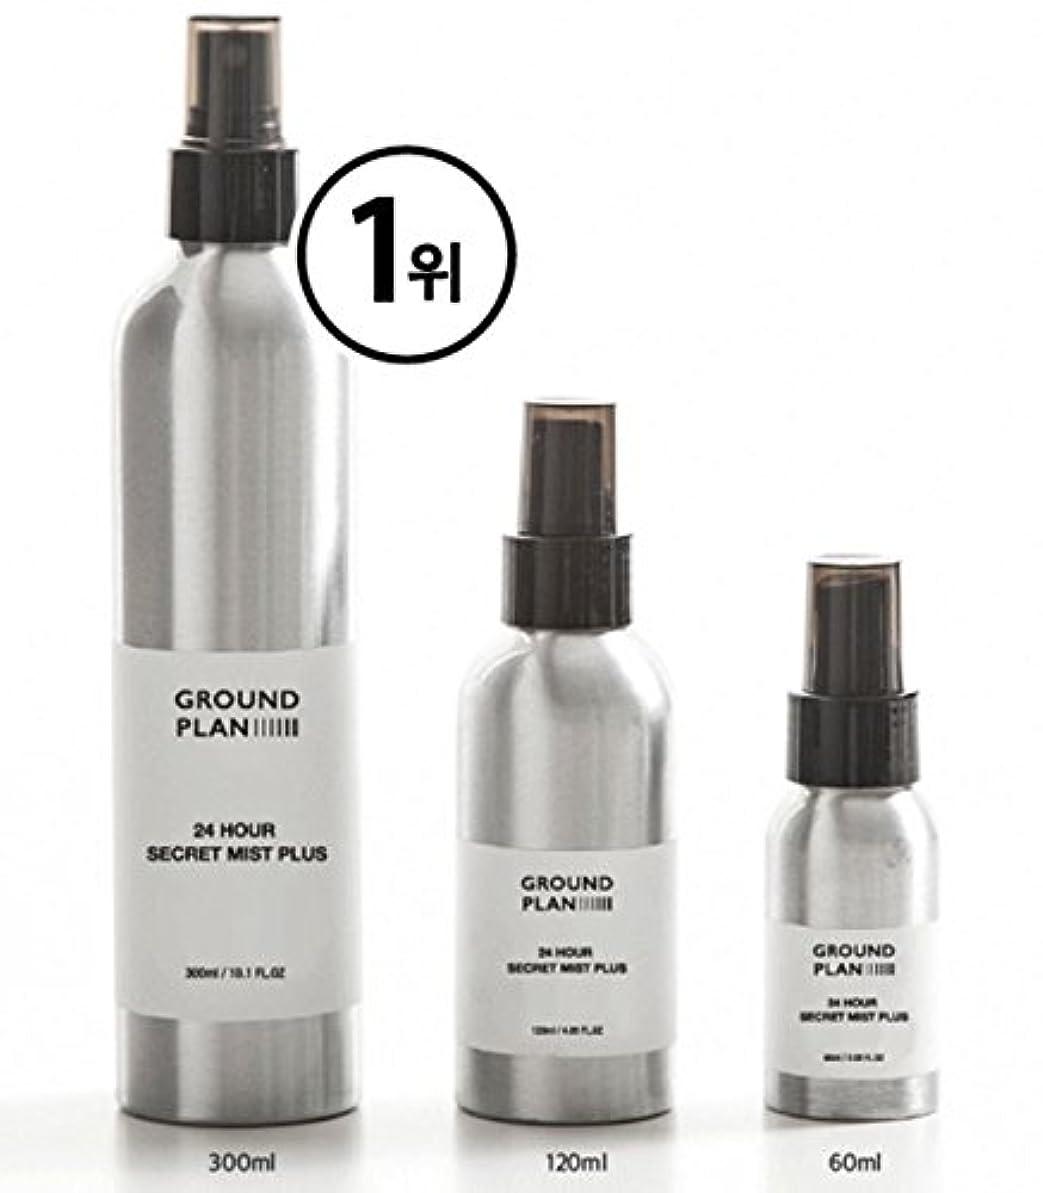 透ける音声学抽選[グラウンド?プラン] 24Hour 秘密 スキンミスト Plus (120ml) (300ml) Ground plan 24 Hour Secret Skin Mist Plus [海外直送品] (300ml)